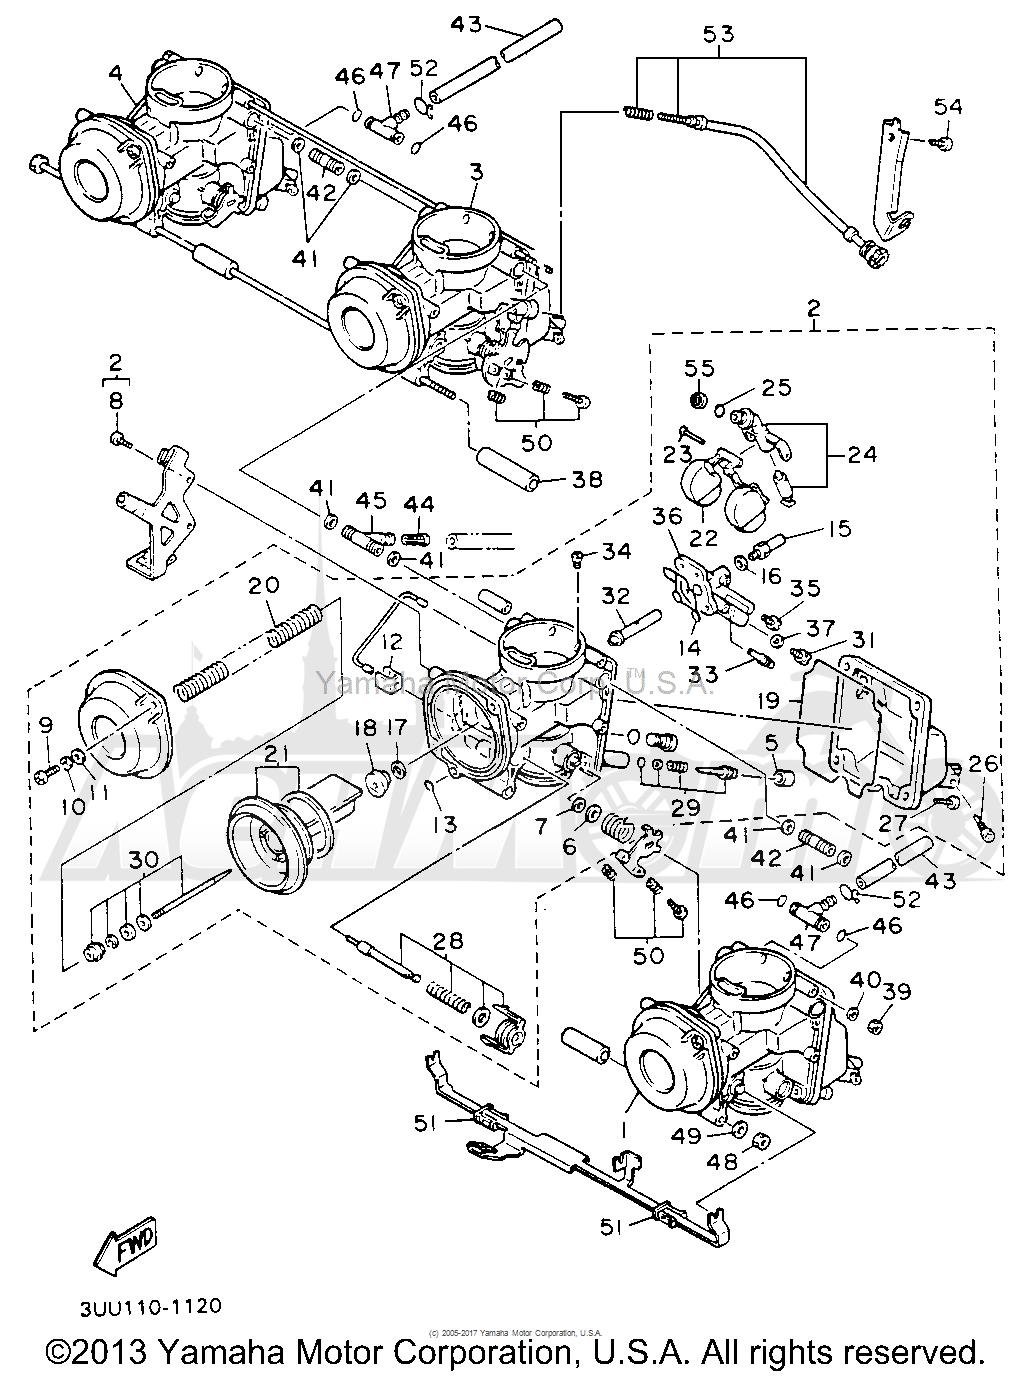 Запчасти для Мотоцикла Yamaha 1991 FZR600RBC Раздел: CARBURETOR | карбюратор